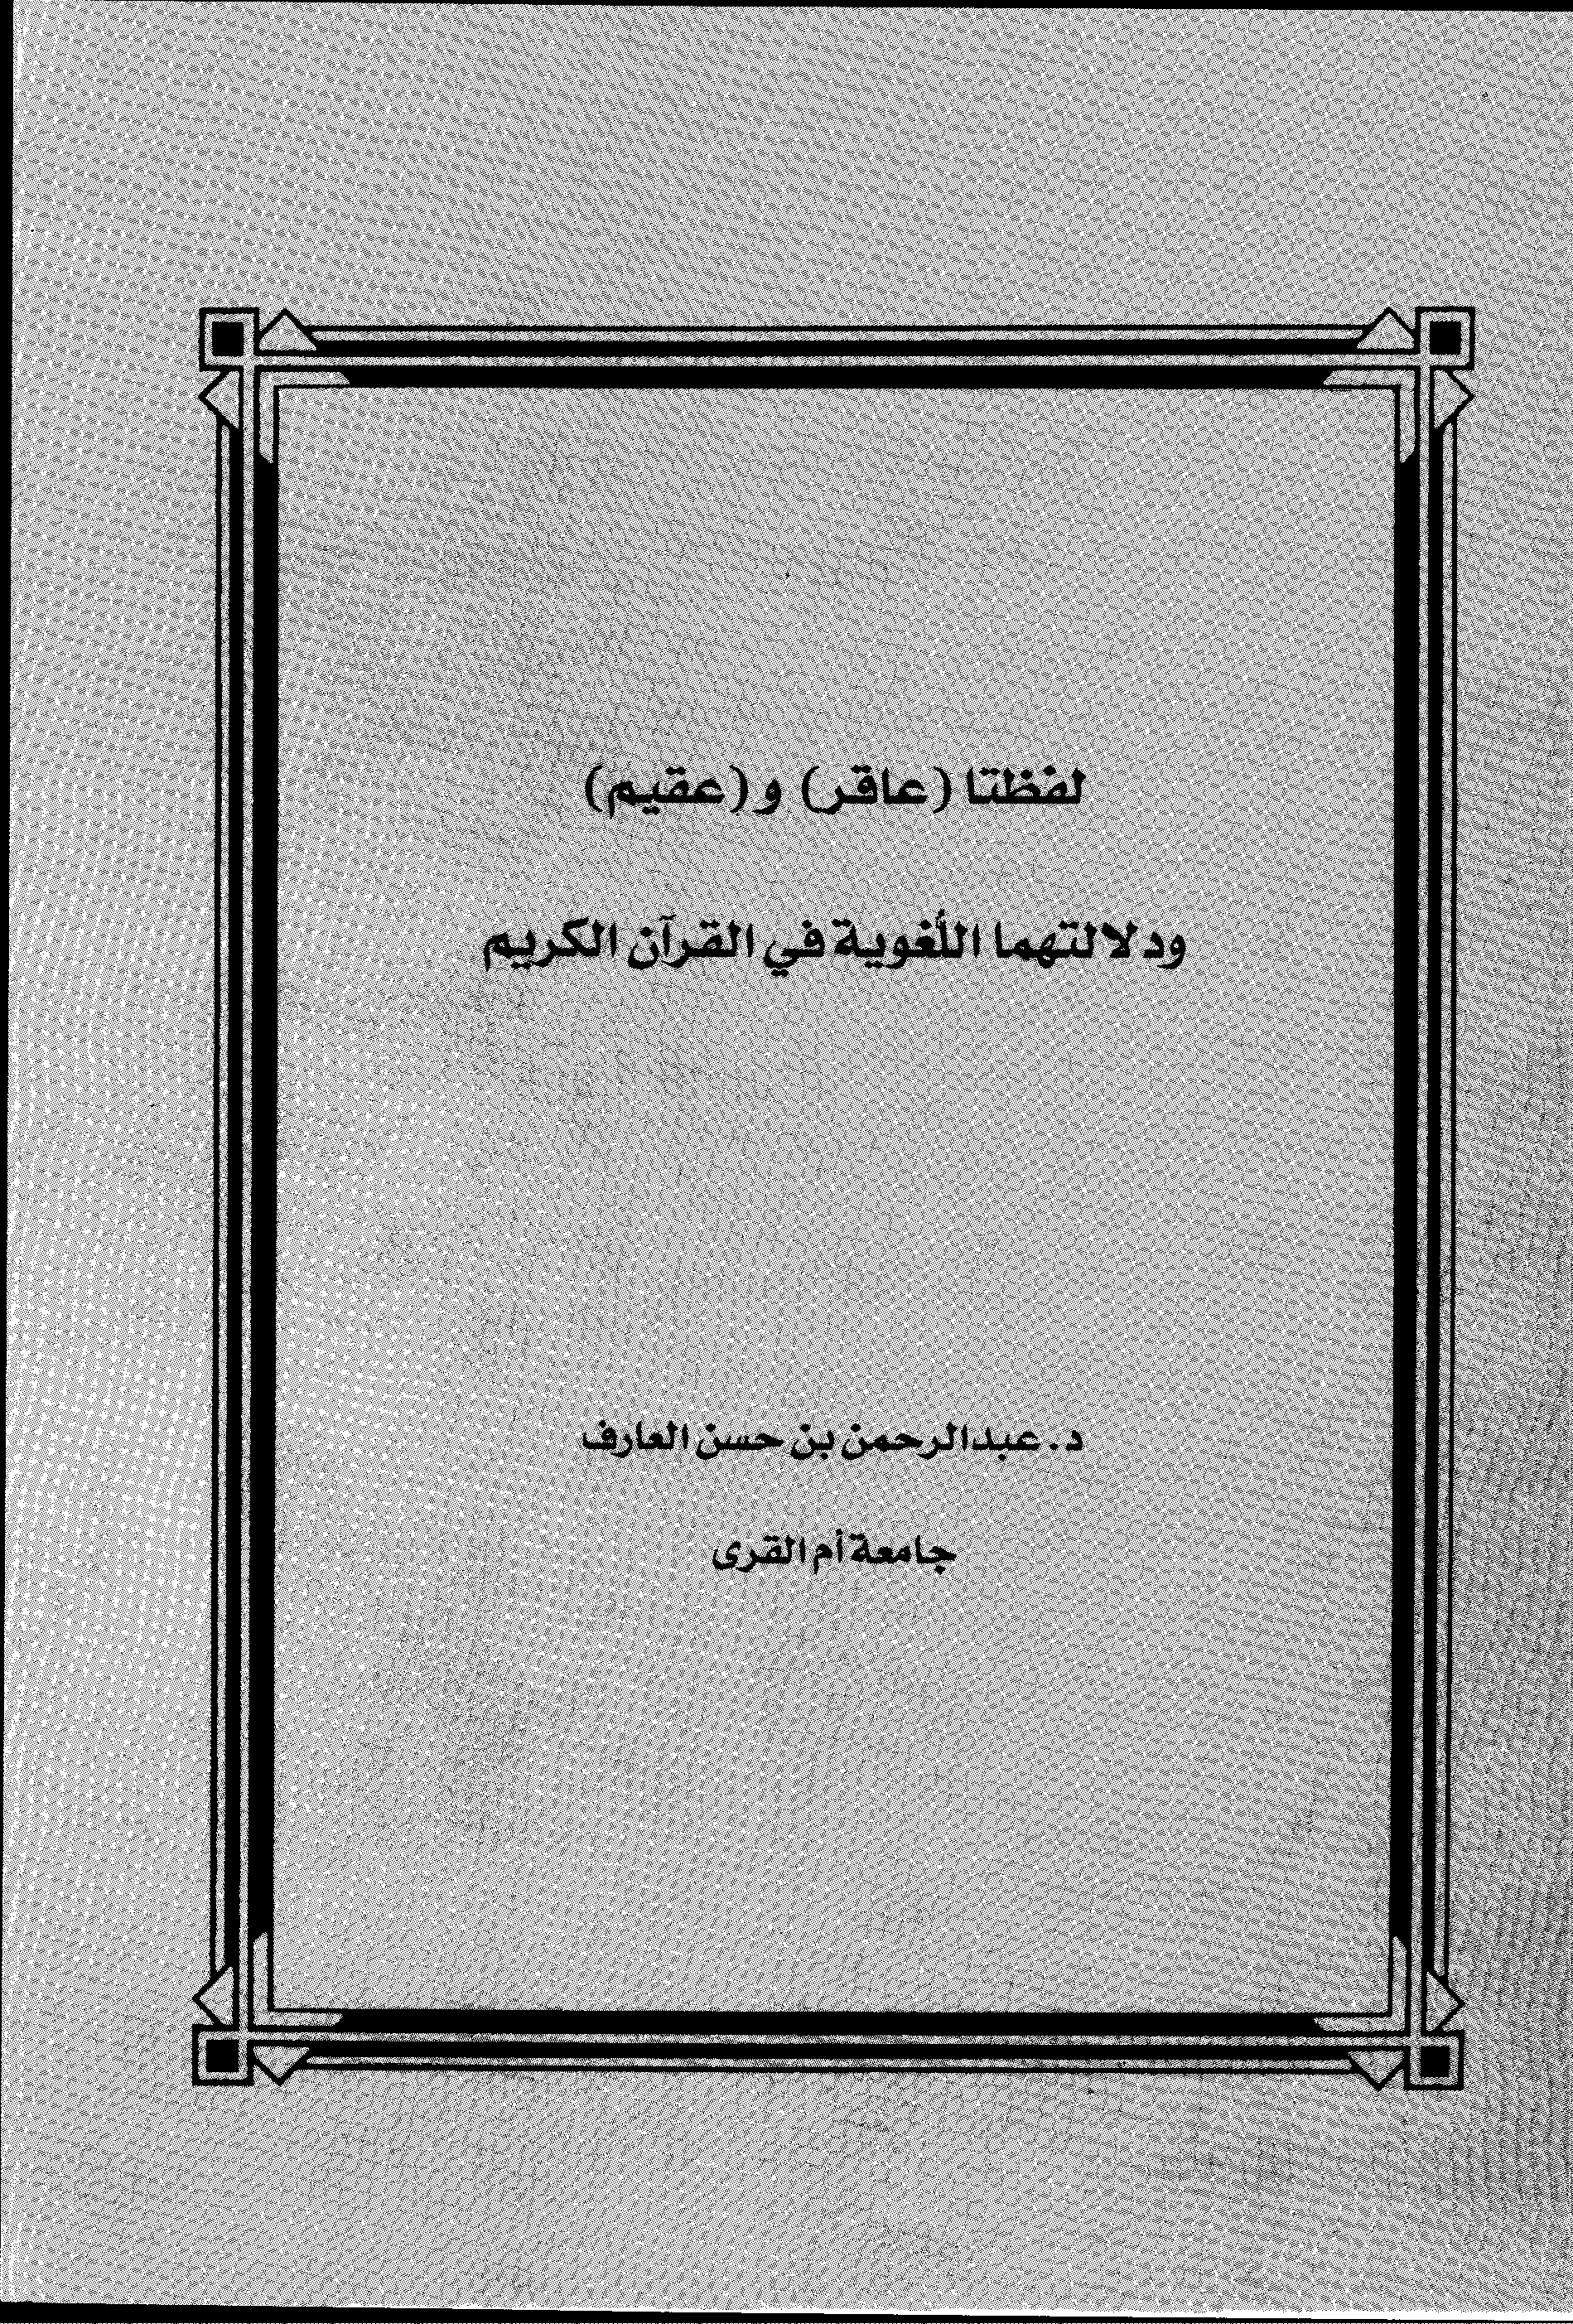 تحميل كتاب لفظتا (عاقر) و(عقيم) ودلالتهما اللغوية في القرآن الكريم لـِ: الدكتور عبد الرحمن بن حسن بن محمد العارف